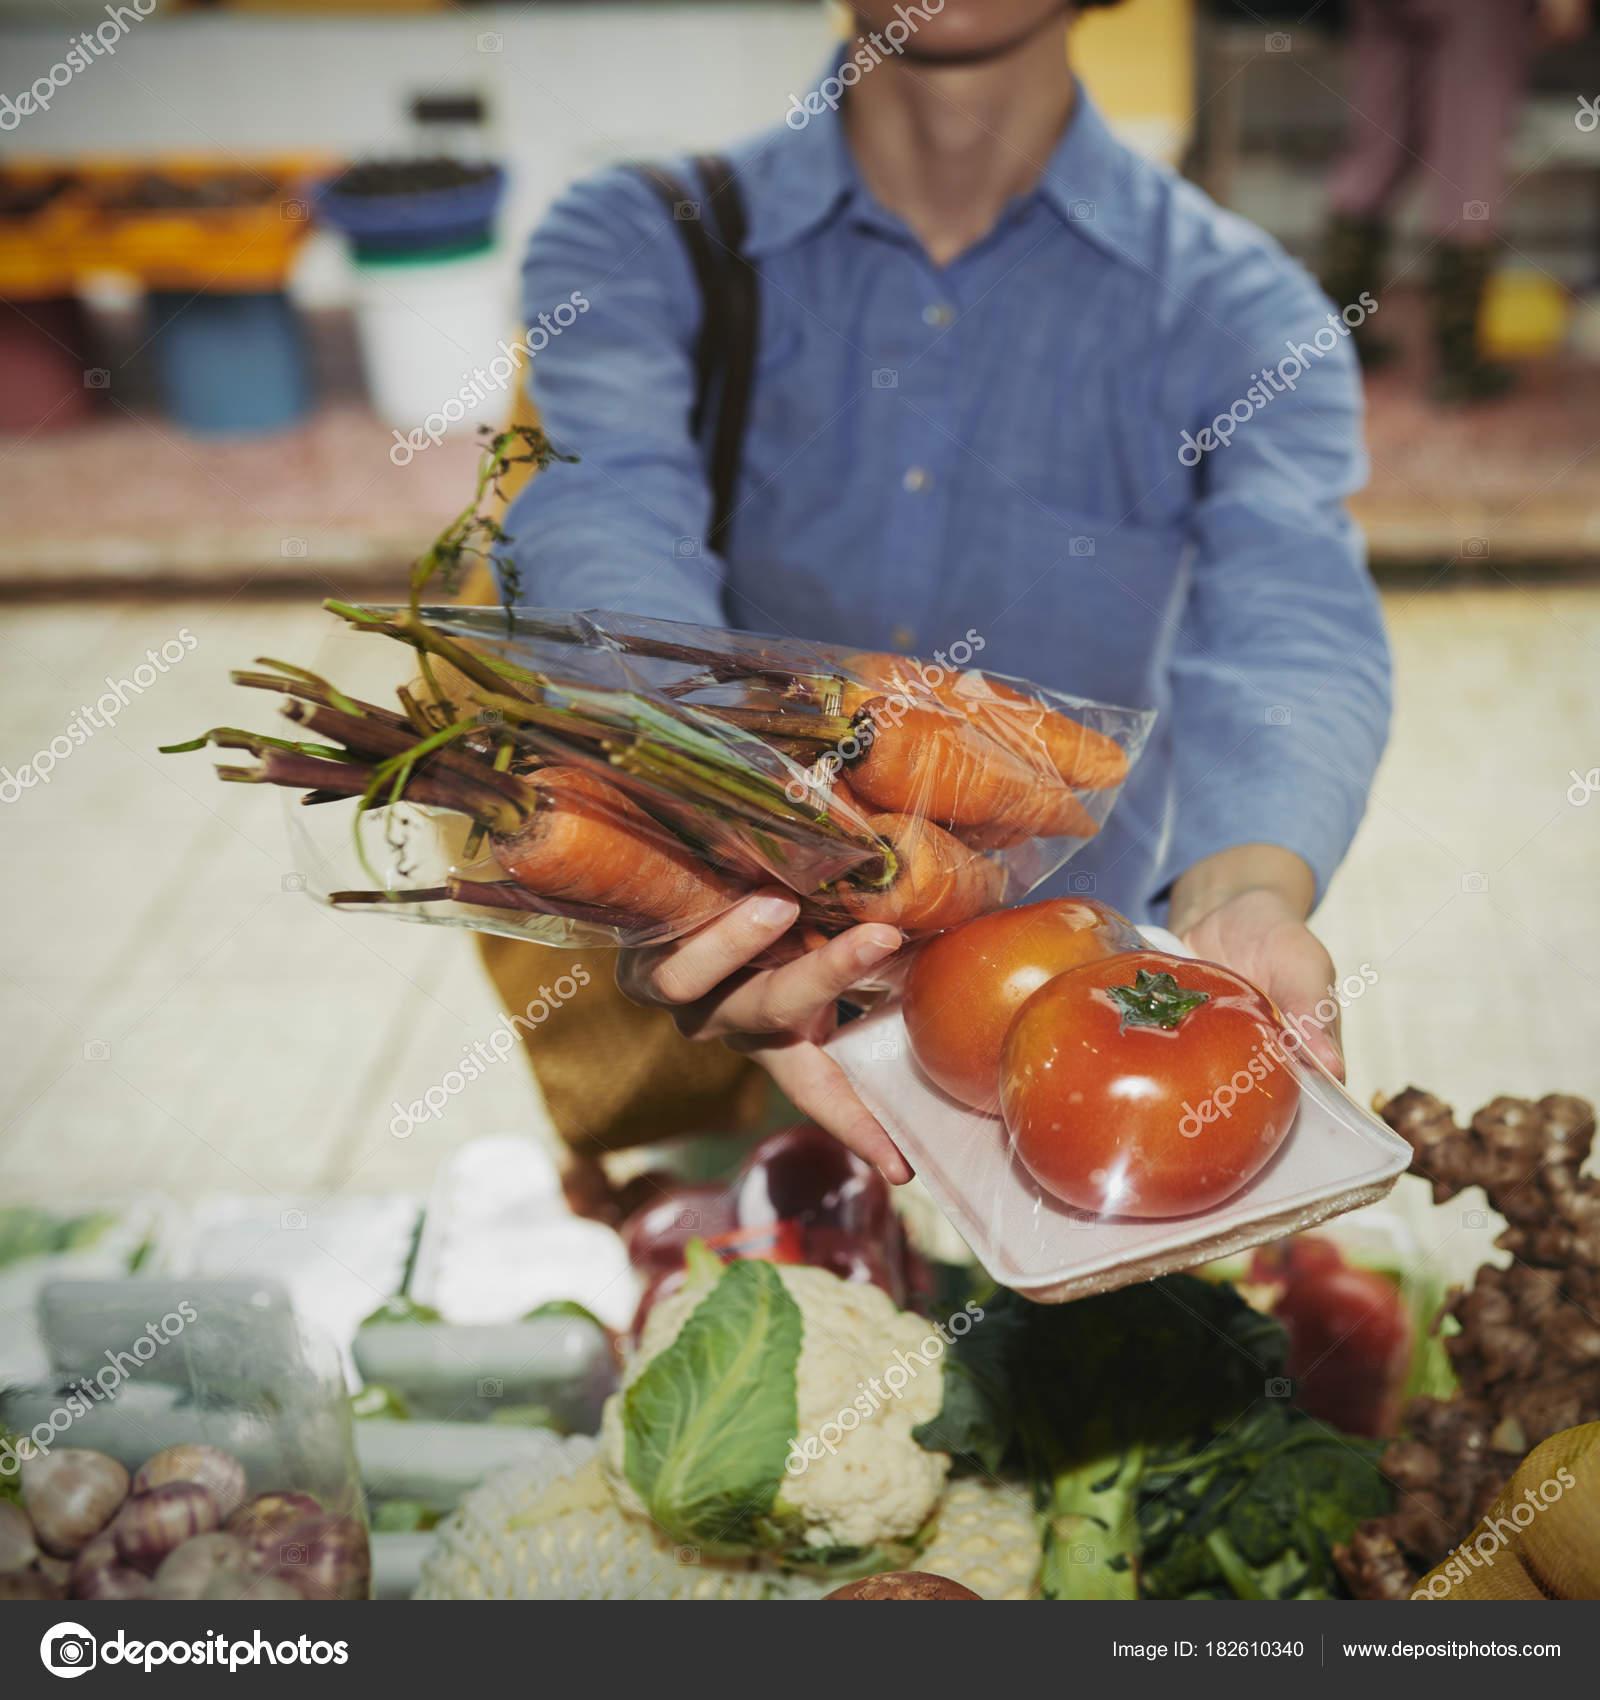 Frau Kaufen Tomaten Und Karotten Auf Lebensmittelmarkt Stockfoto